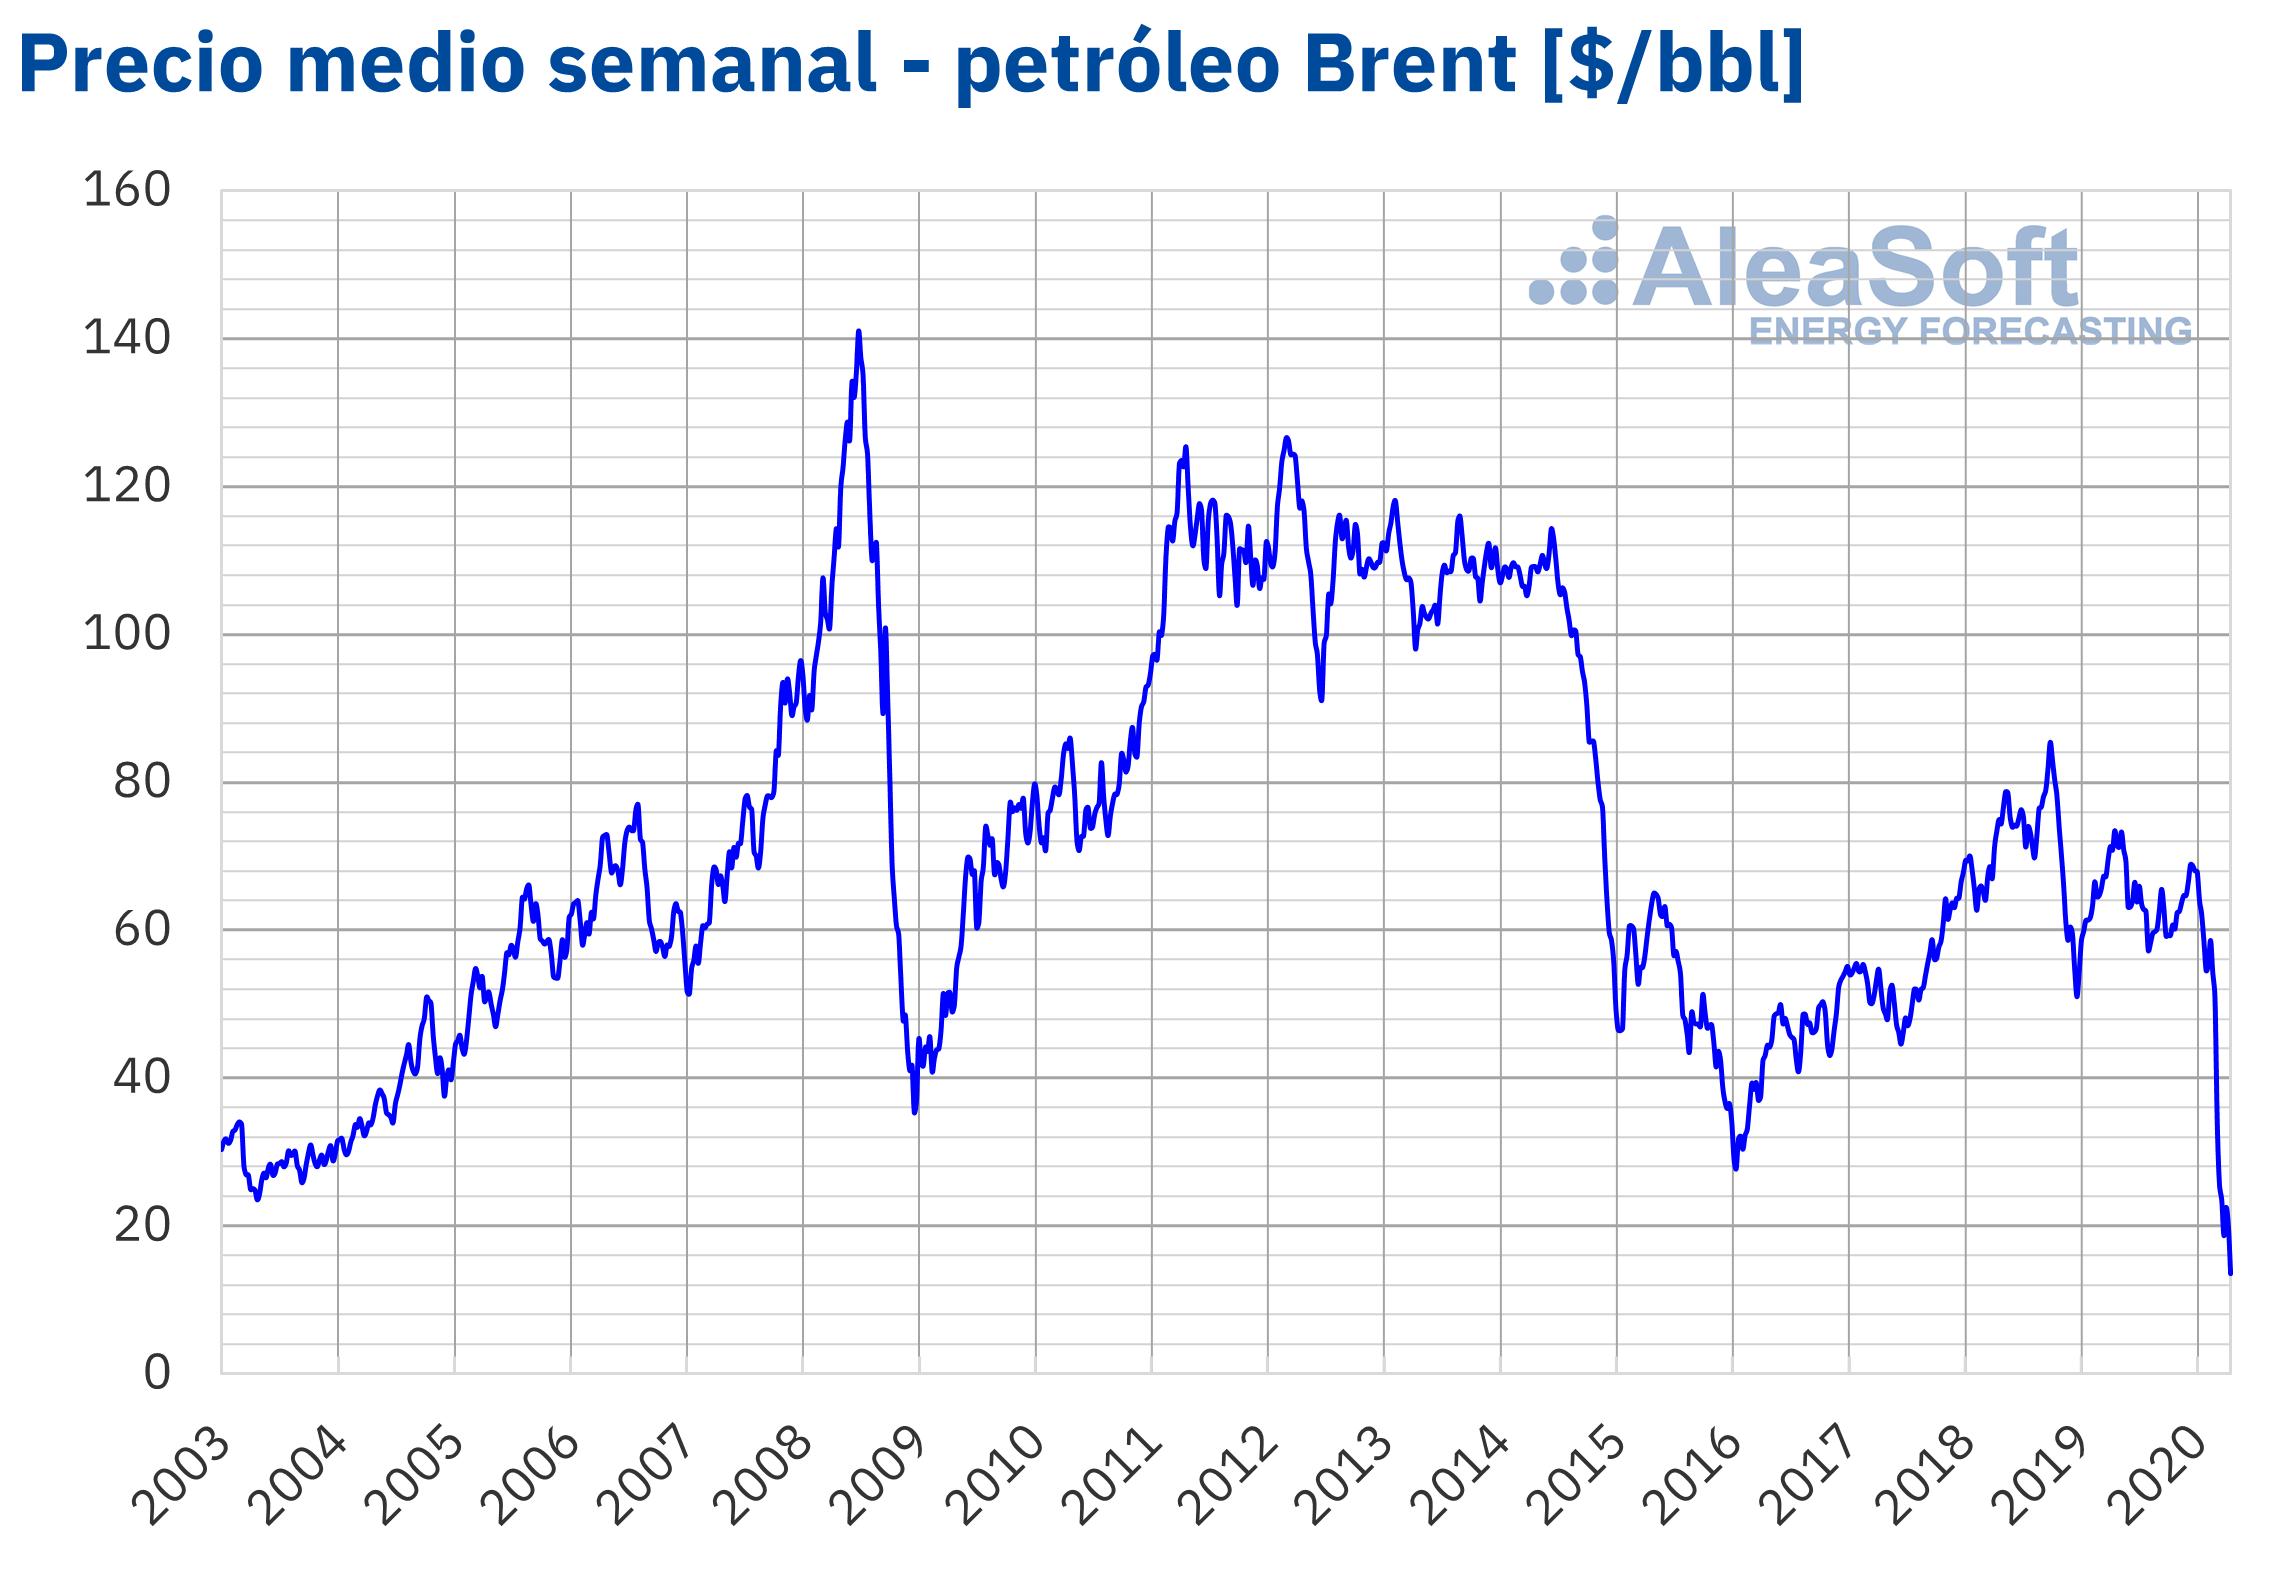 AleaSoft - Petroleo Brent precio semanal